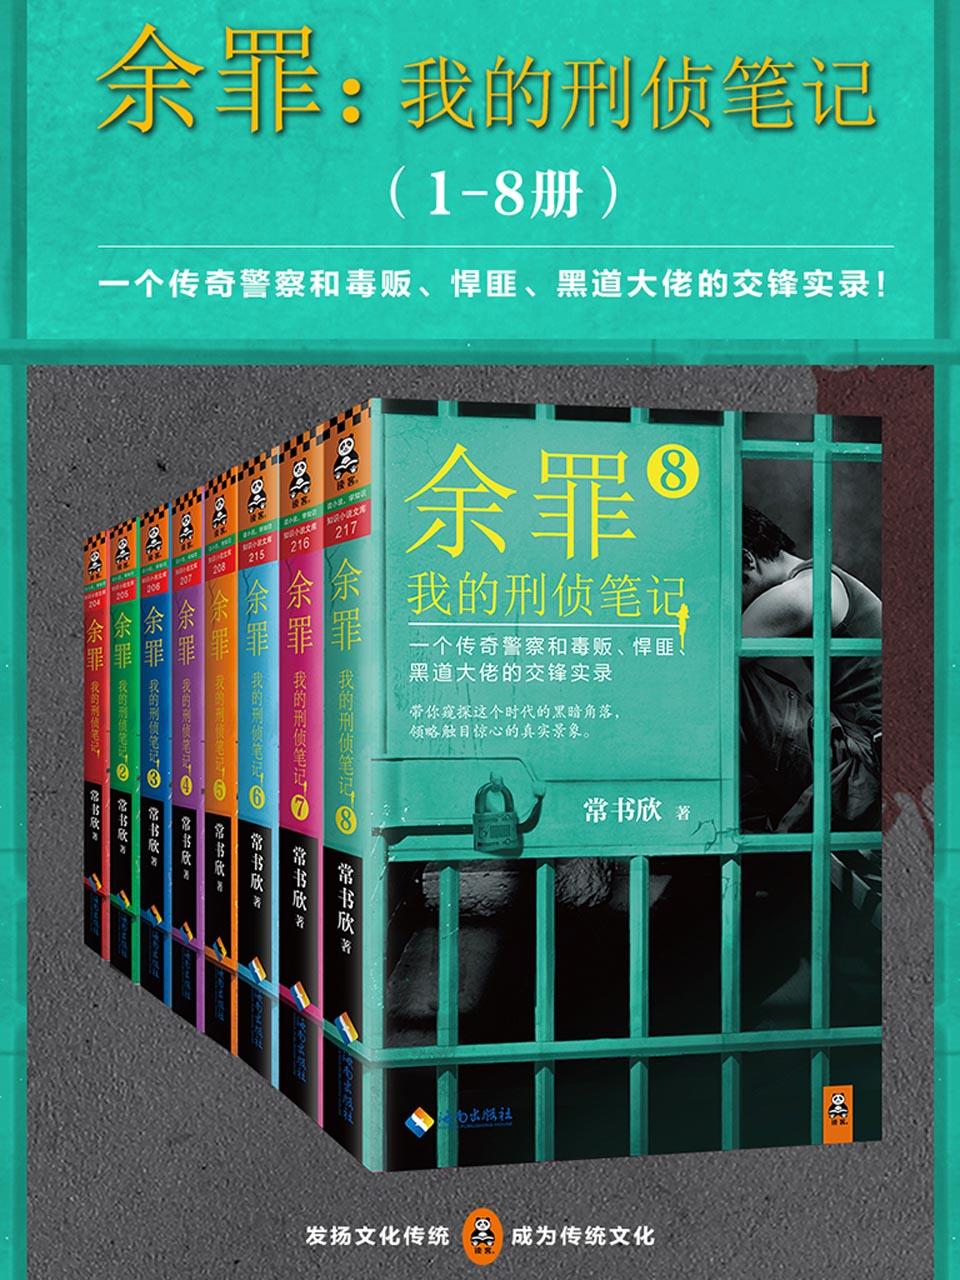 余罪:我的刑侦笔记(1-8全集)